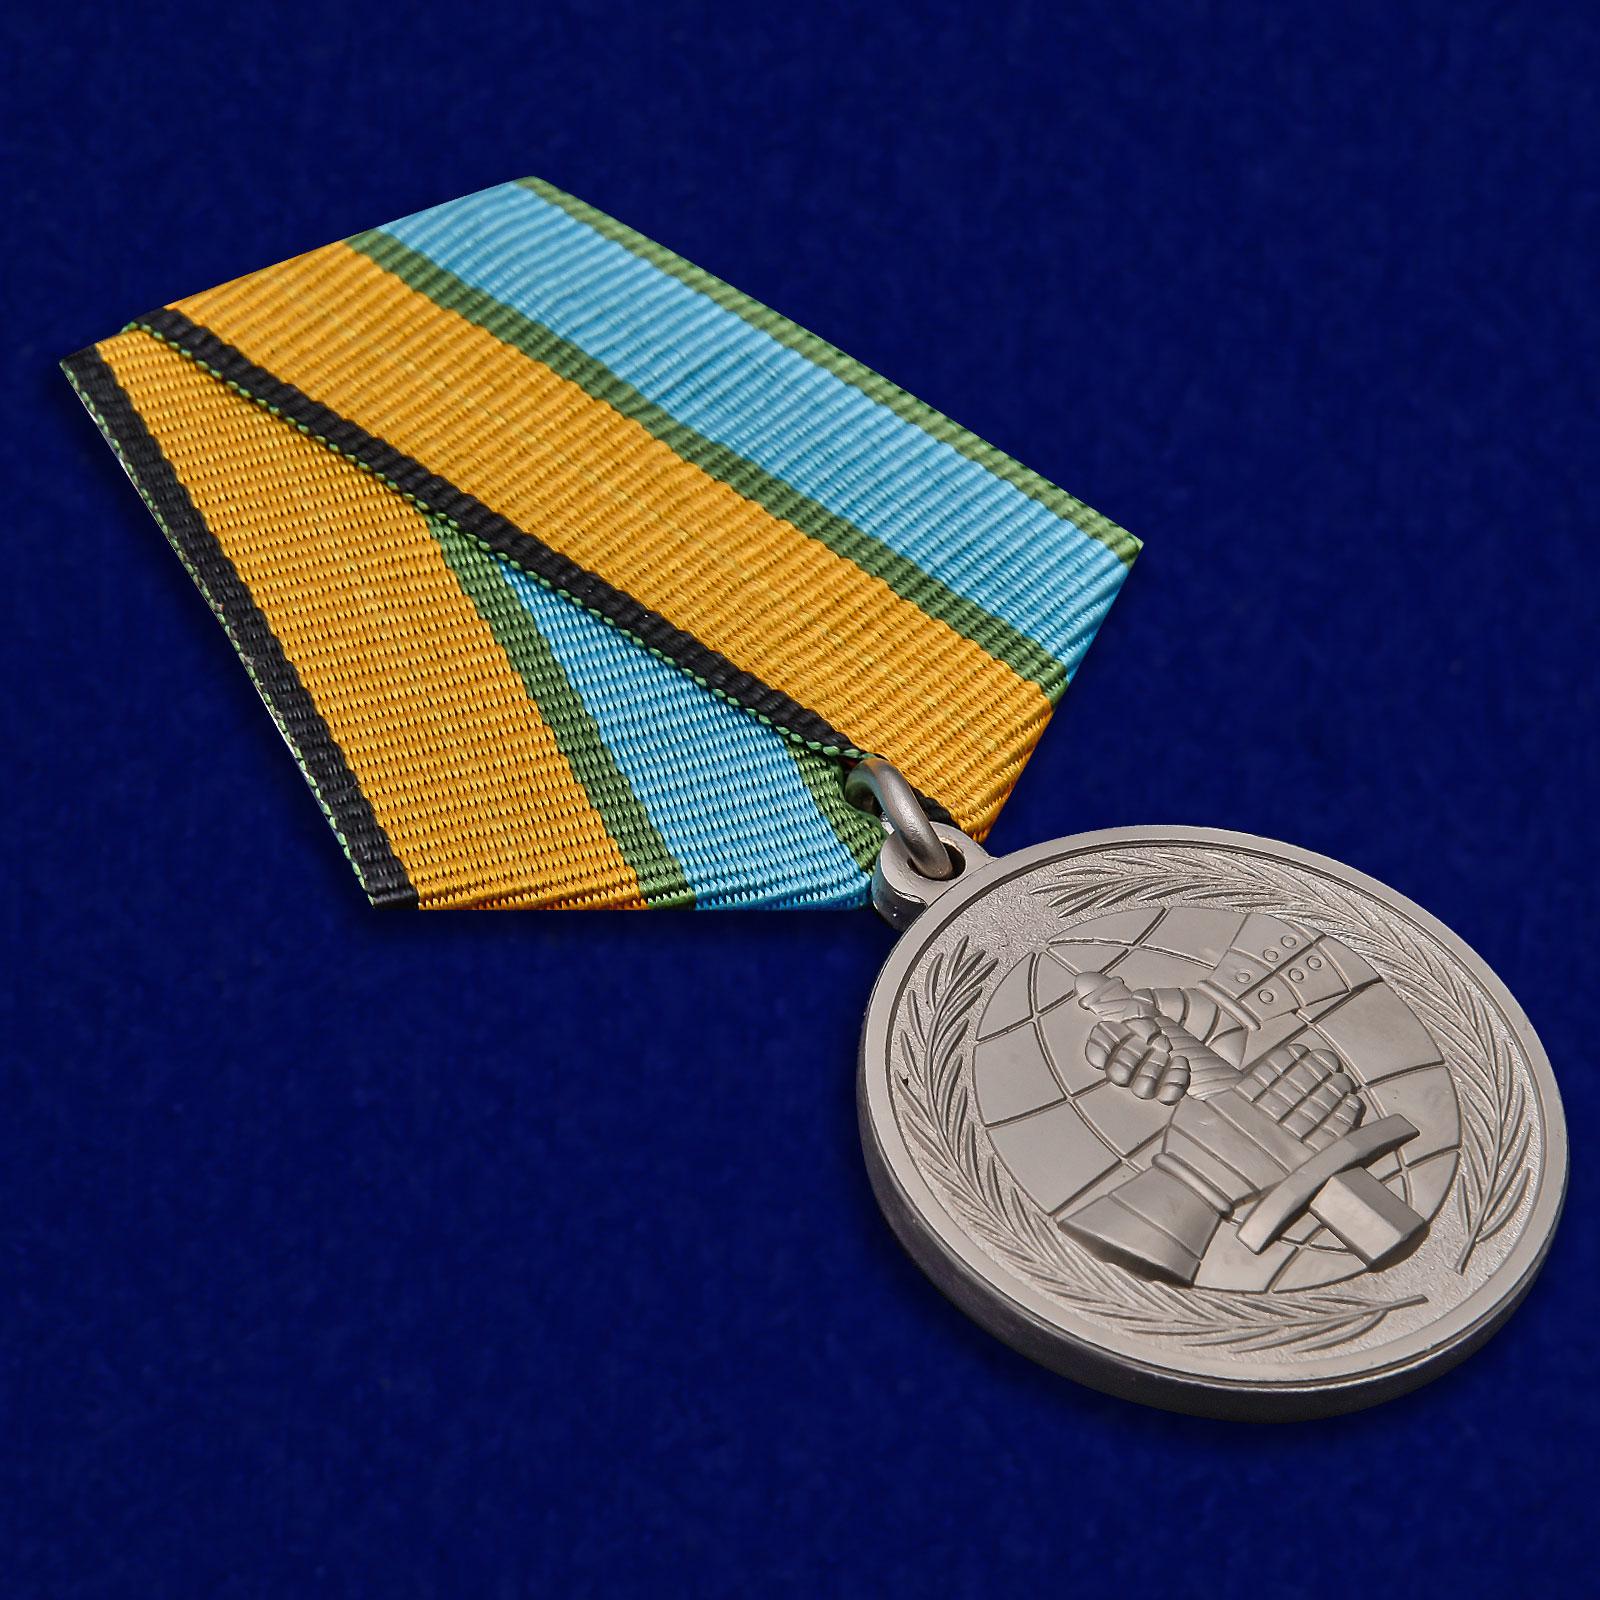 Латунная медаль МО РФ За вклад в развитие международного военного сотрудничества - общий вид